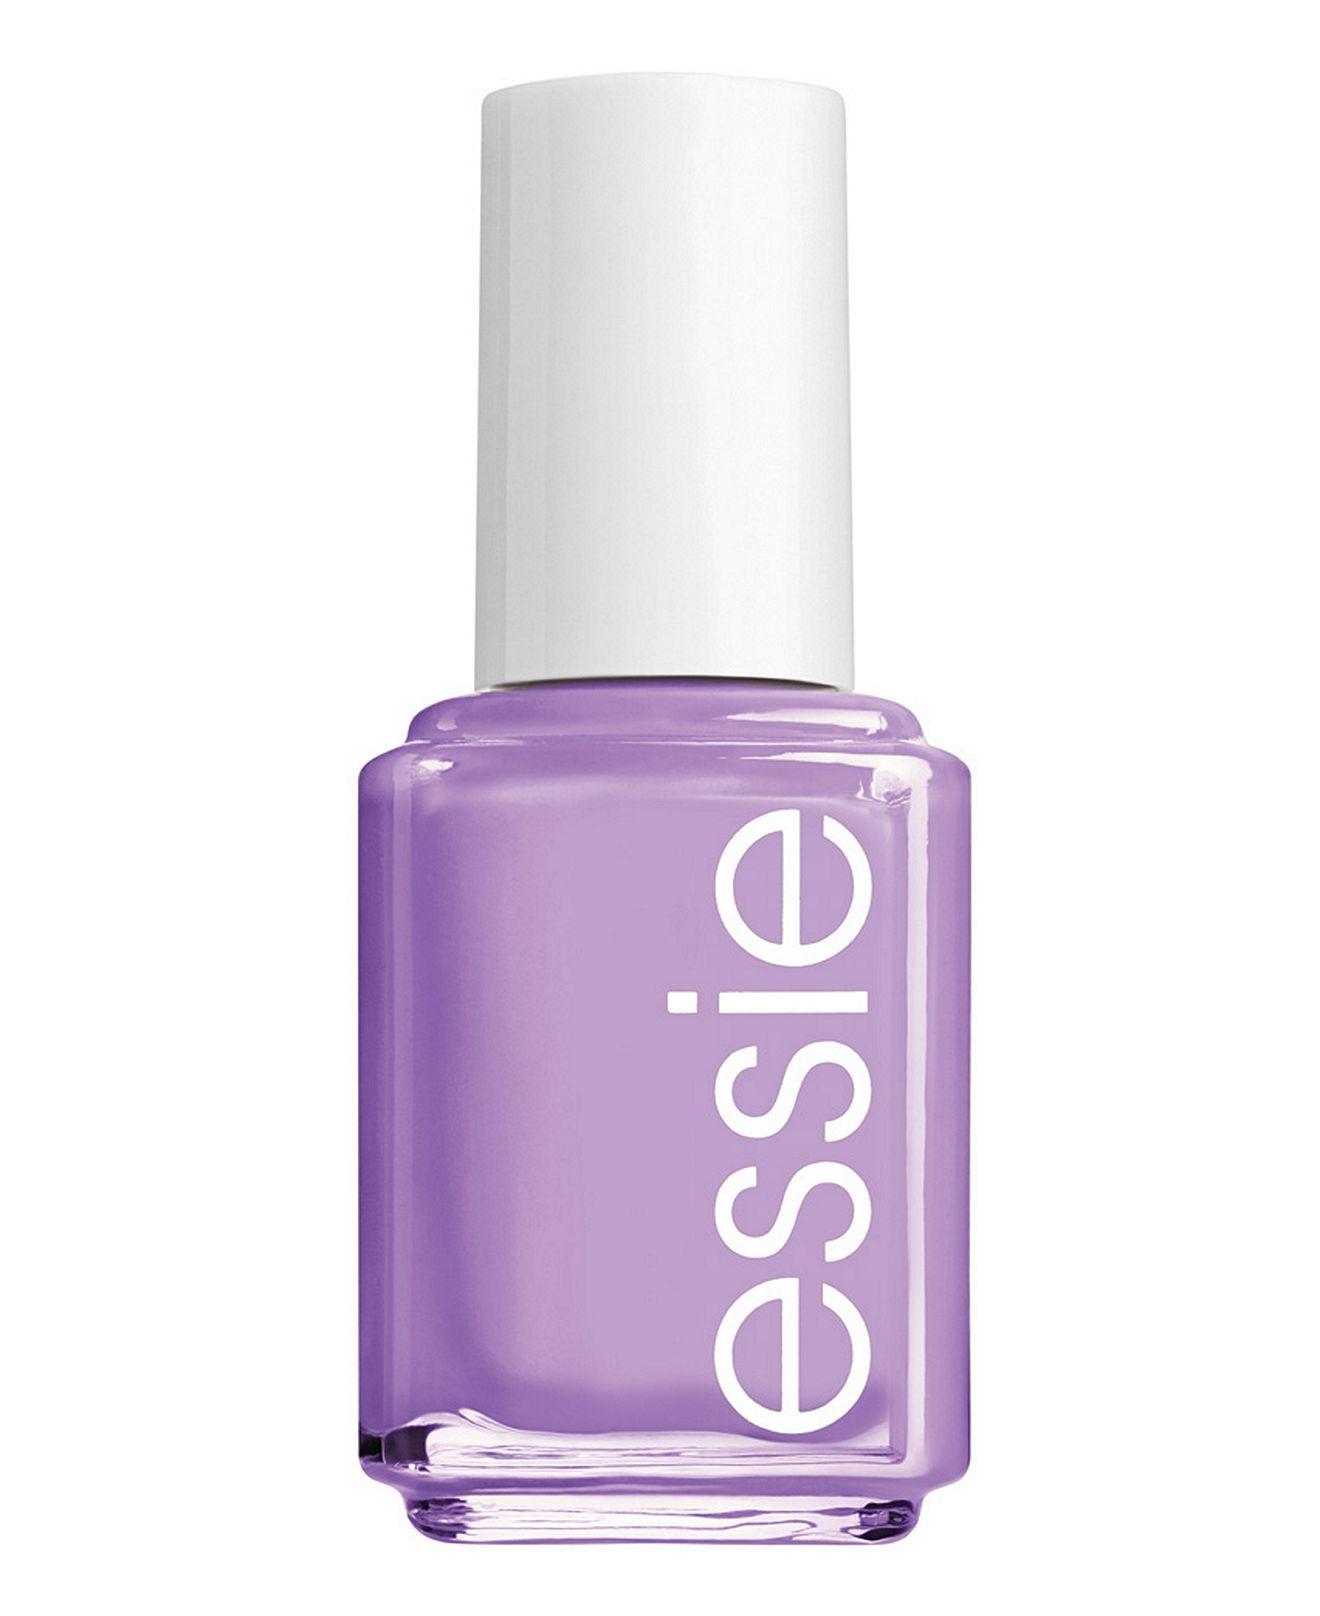 Essie nail color, play date   Manicuras, Esmalte y Maquillaje